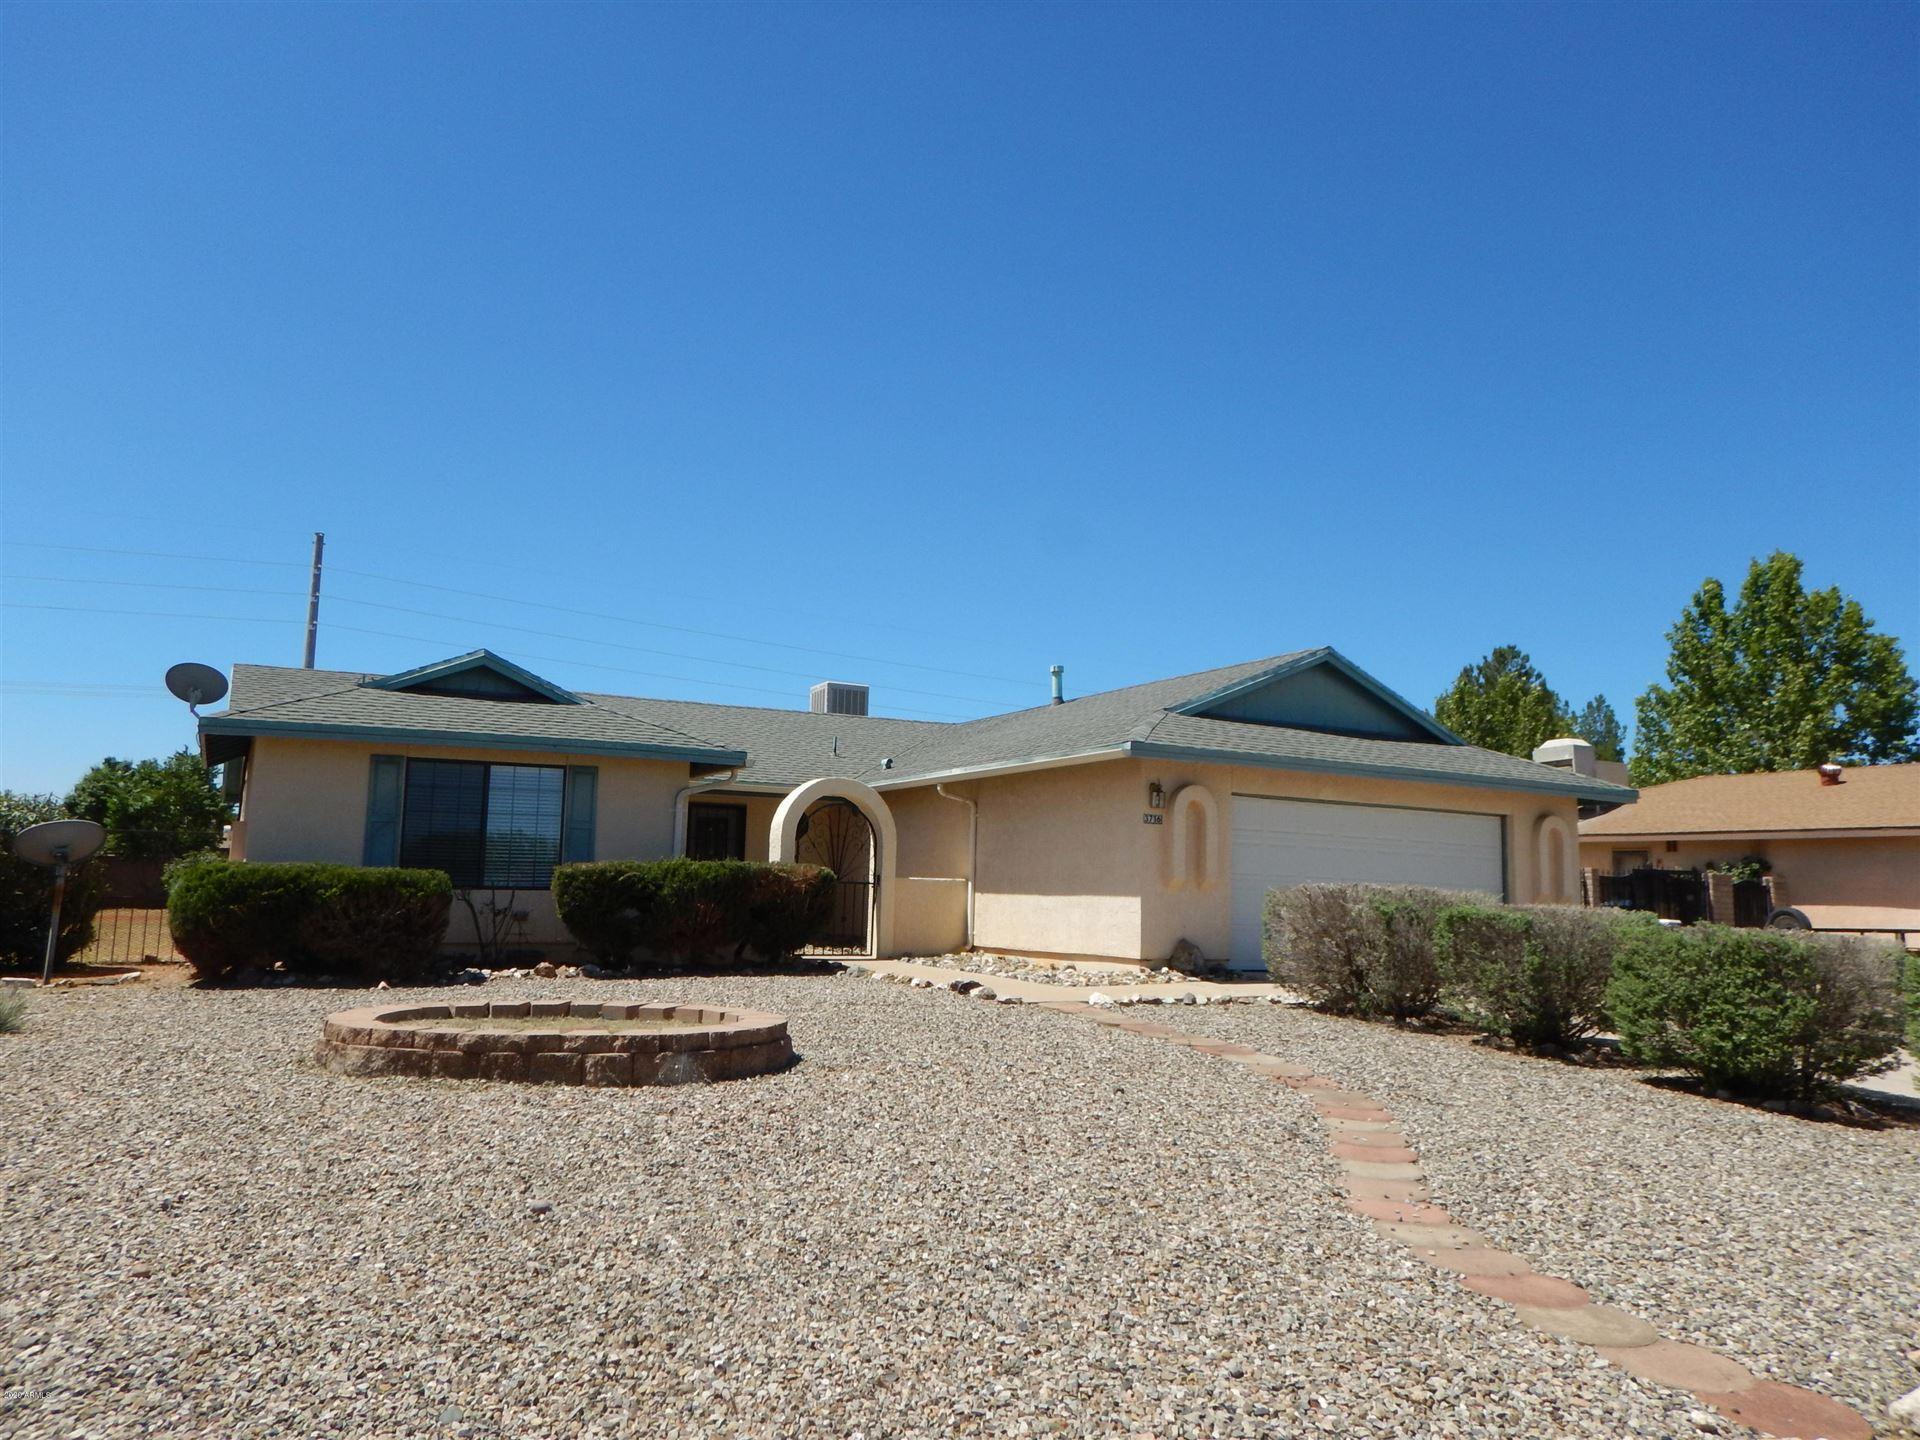 3716 MILLER Street, Sierra Vista, AZ 85650 - #: 6098829